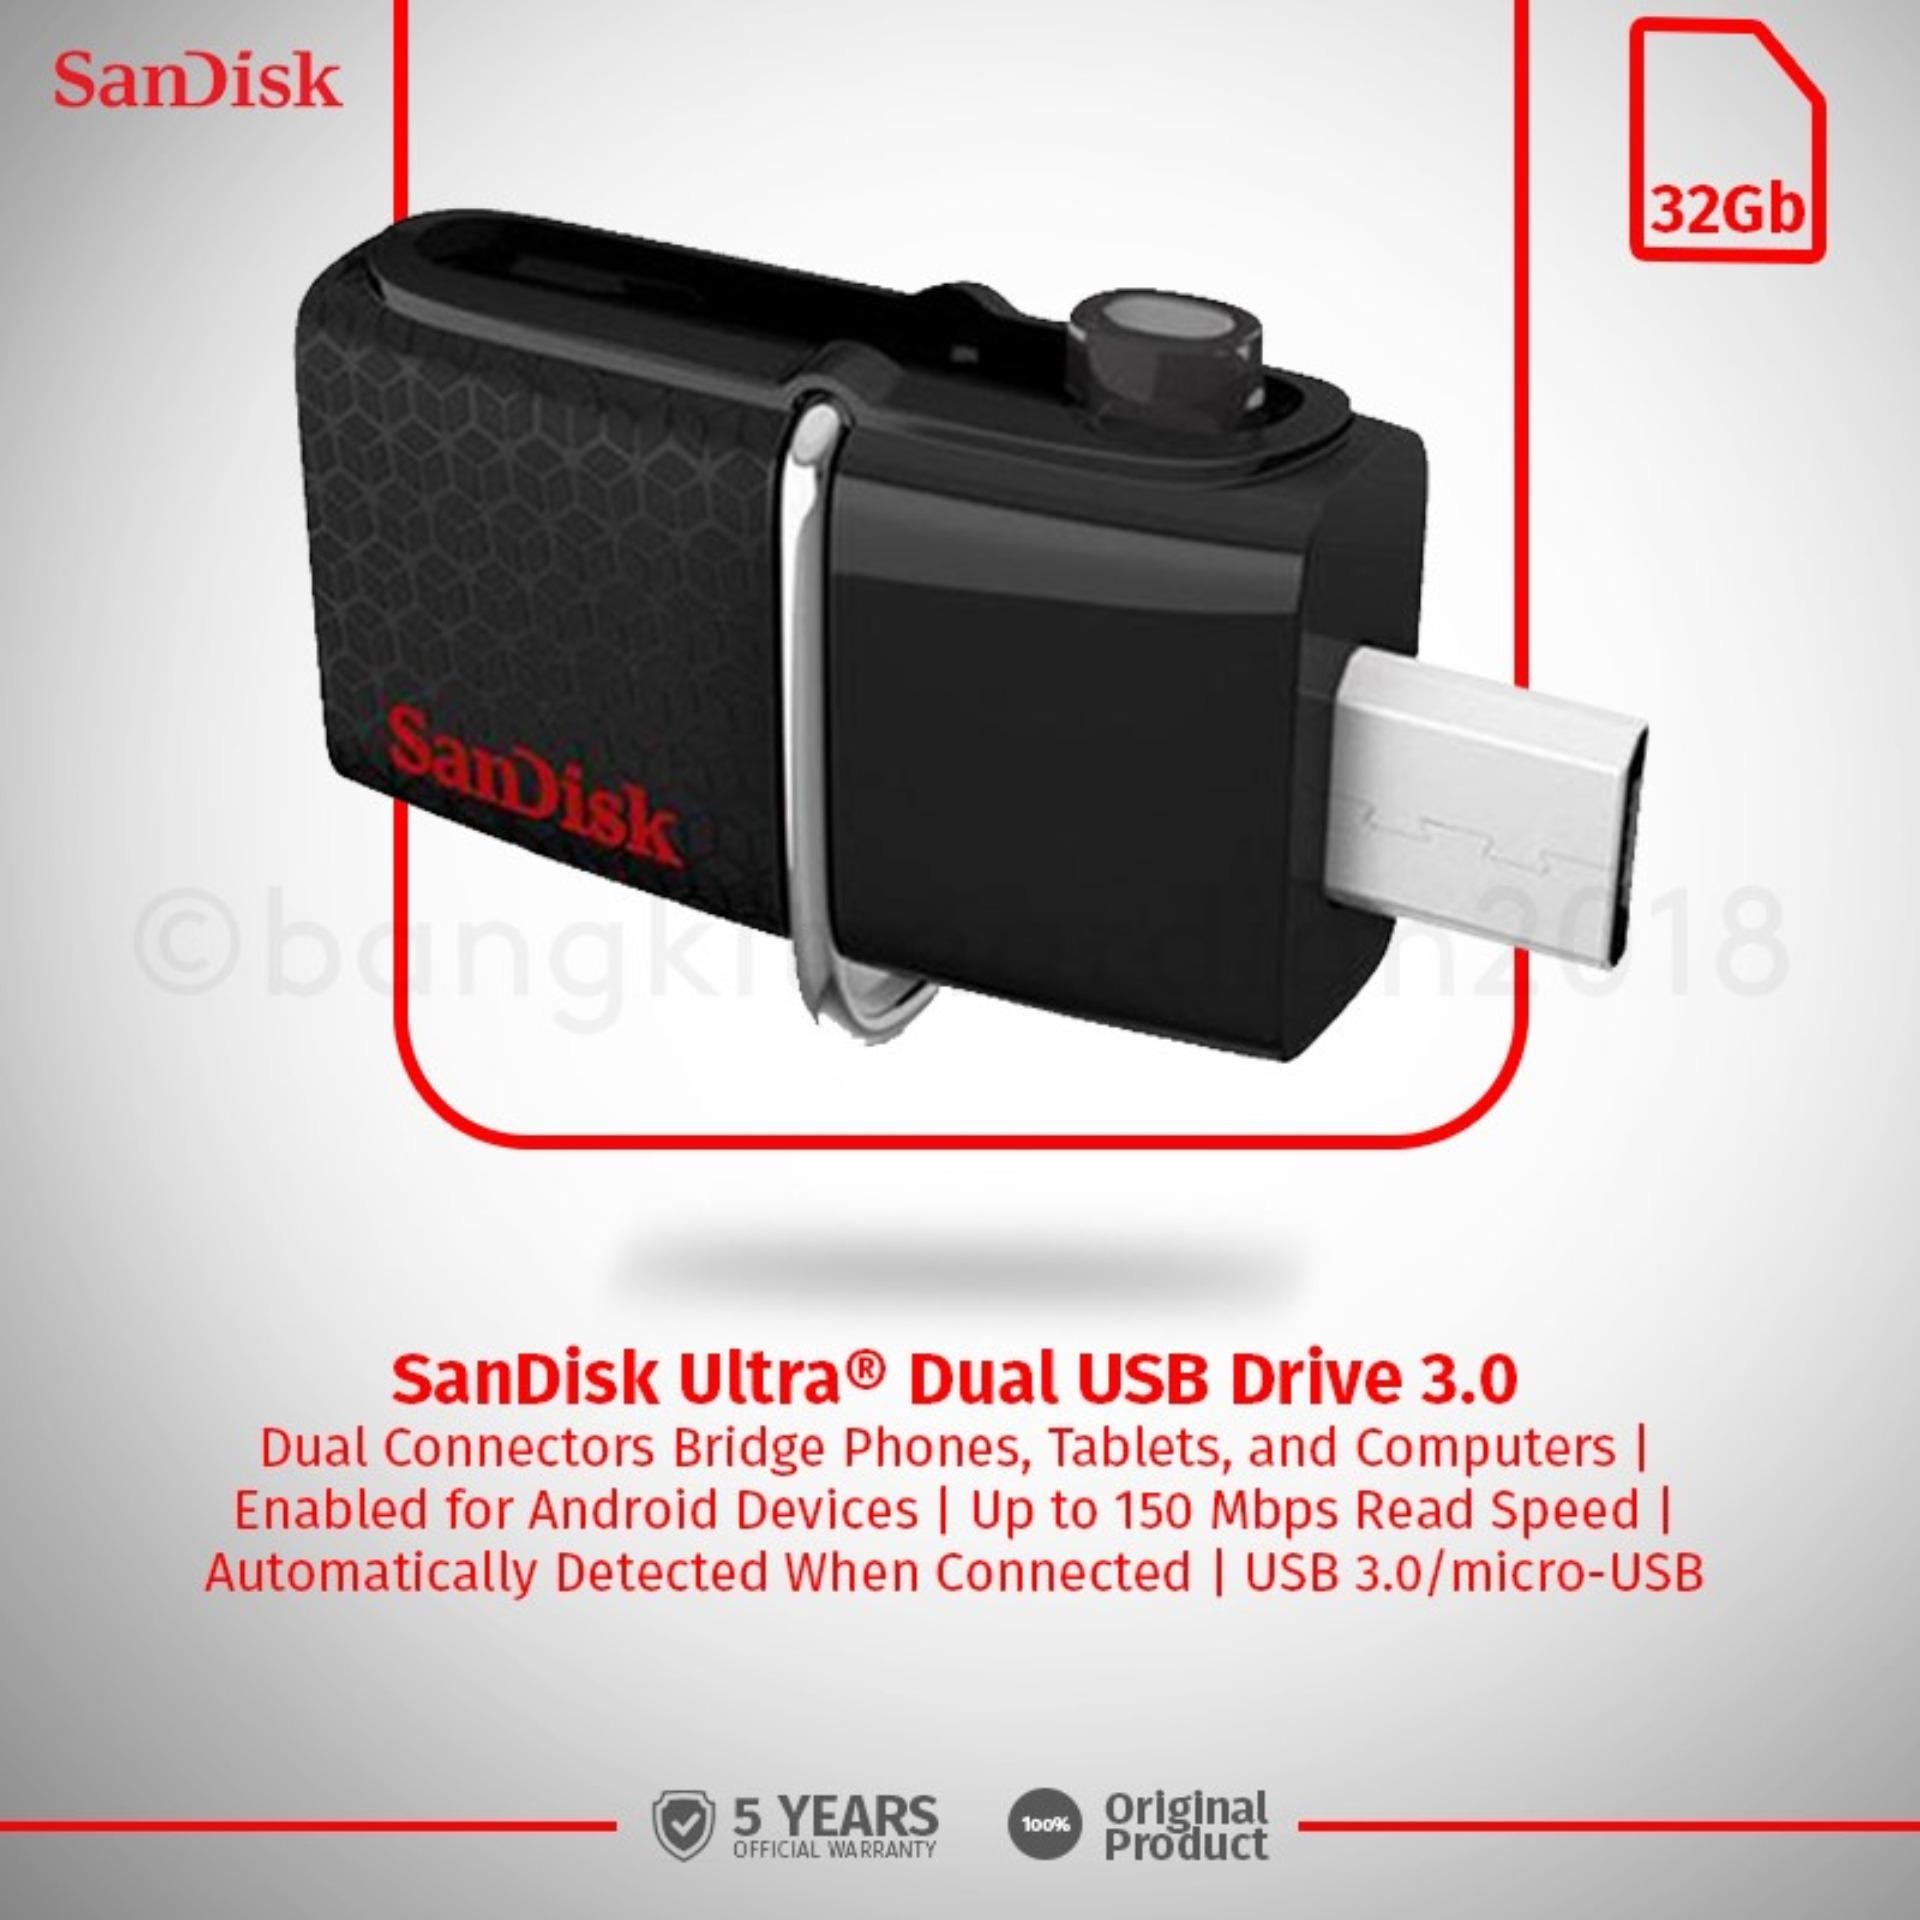 Detail Gambar SanDisk USB 3.0 Ultra Dual USB Drive OTG 32GB Terbaru